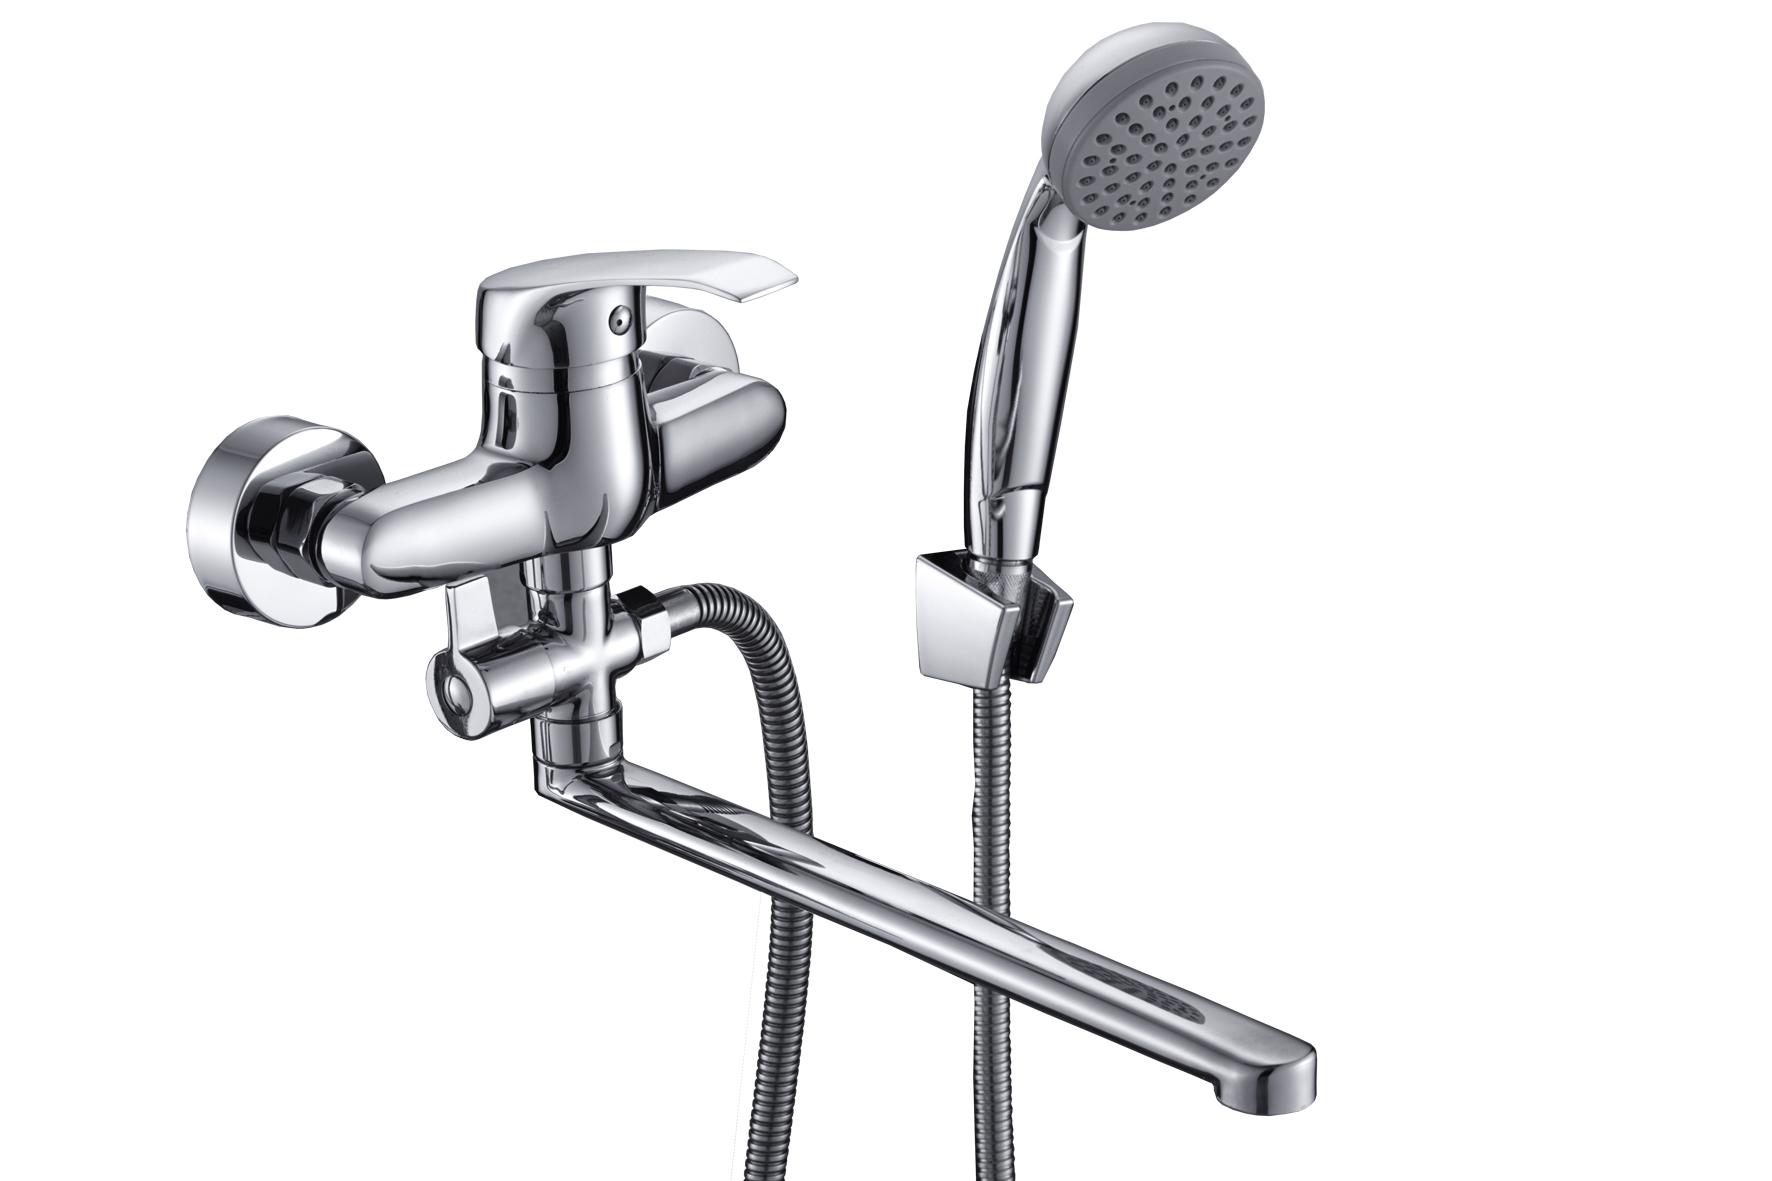 Смеситель Славен для ванны и умывальника универсальный с поворотным изливом, переключатель флажковый, комплект, одноручный.К31